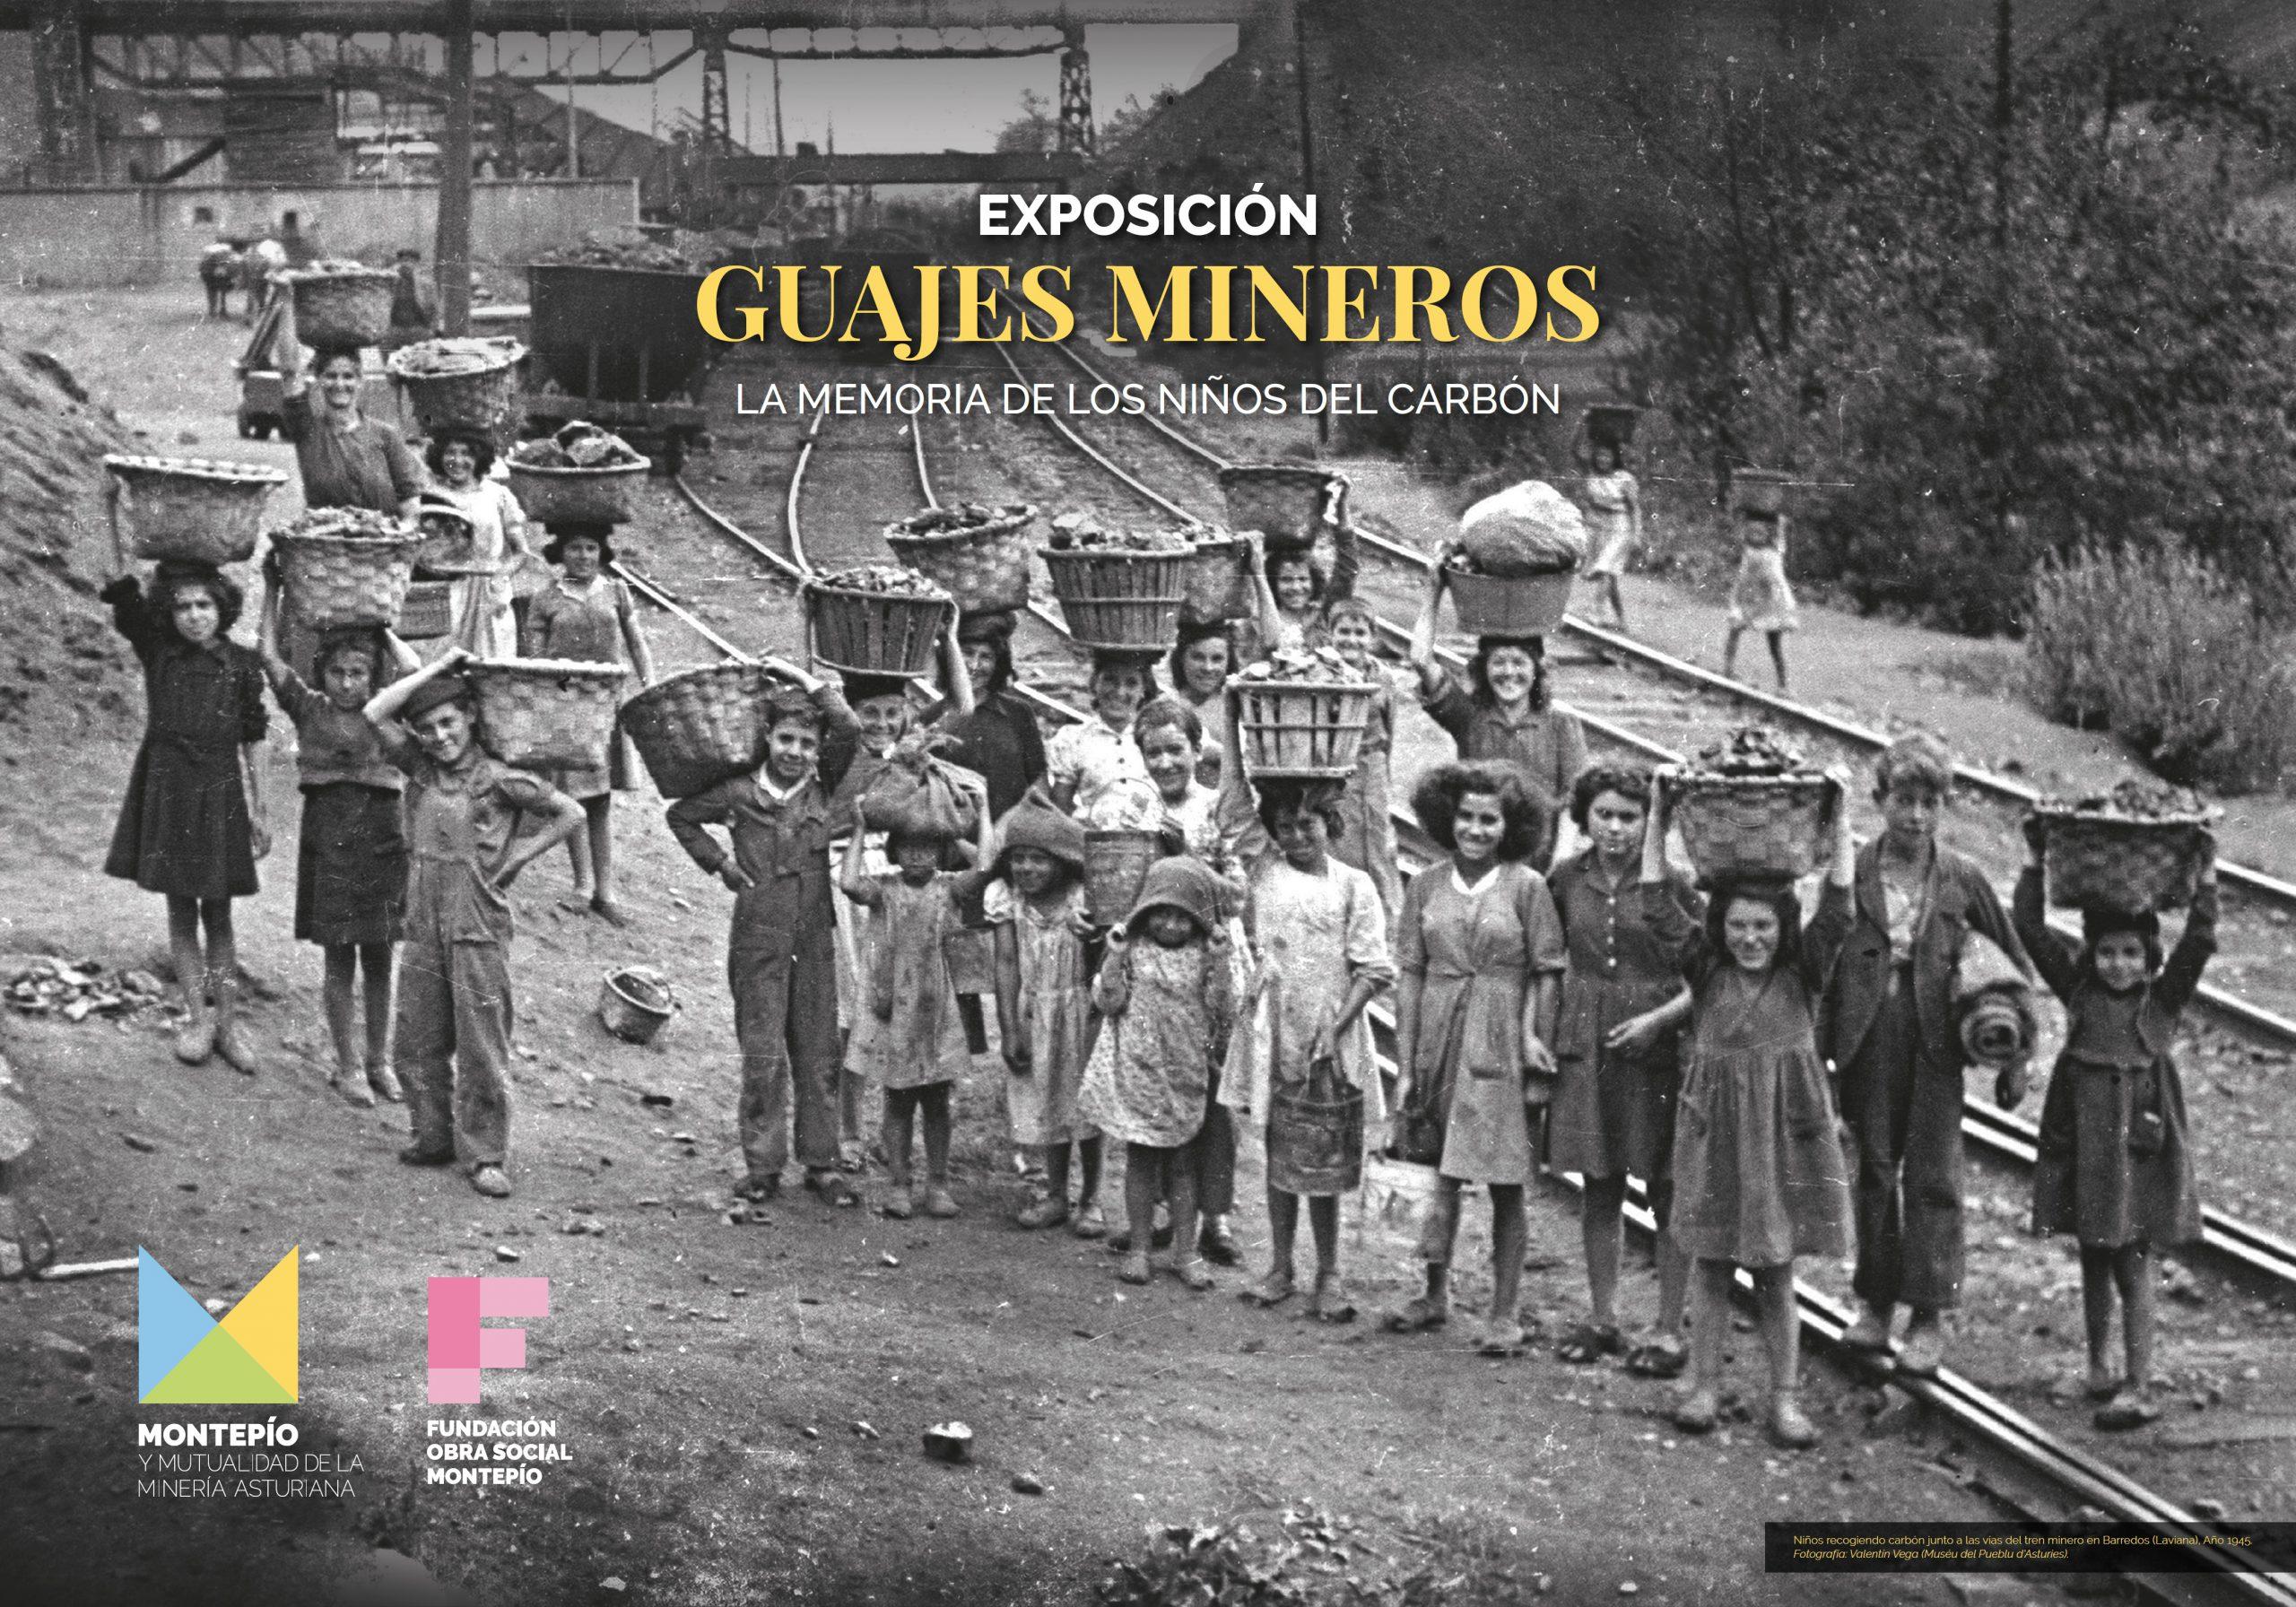 GUAJES MINEROS: la memoria de los niños del carbón